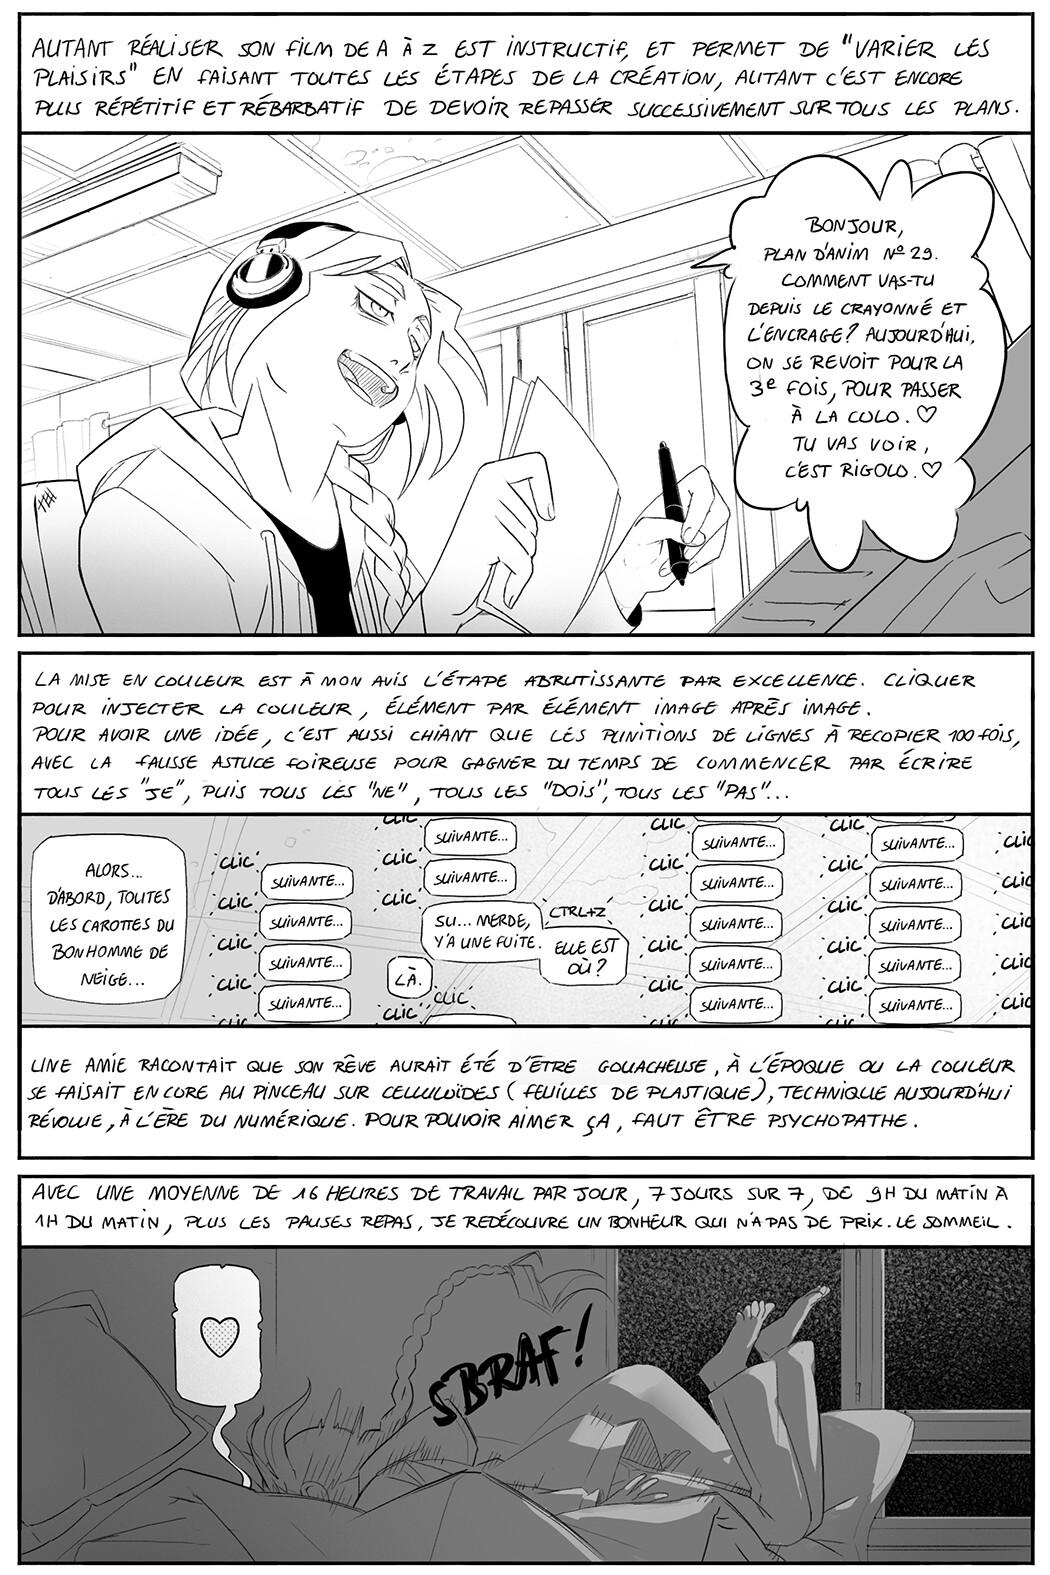 Plan De Travail Pour Repasser artstation - animation quest part. 3, alix bonnefous